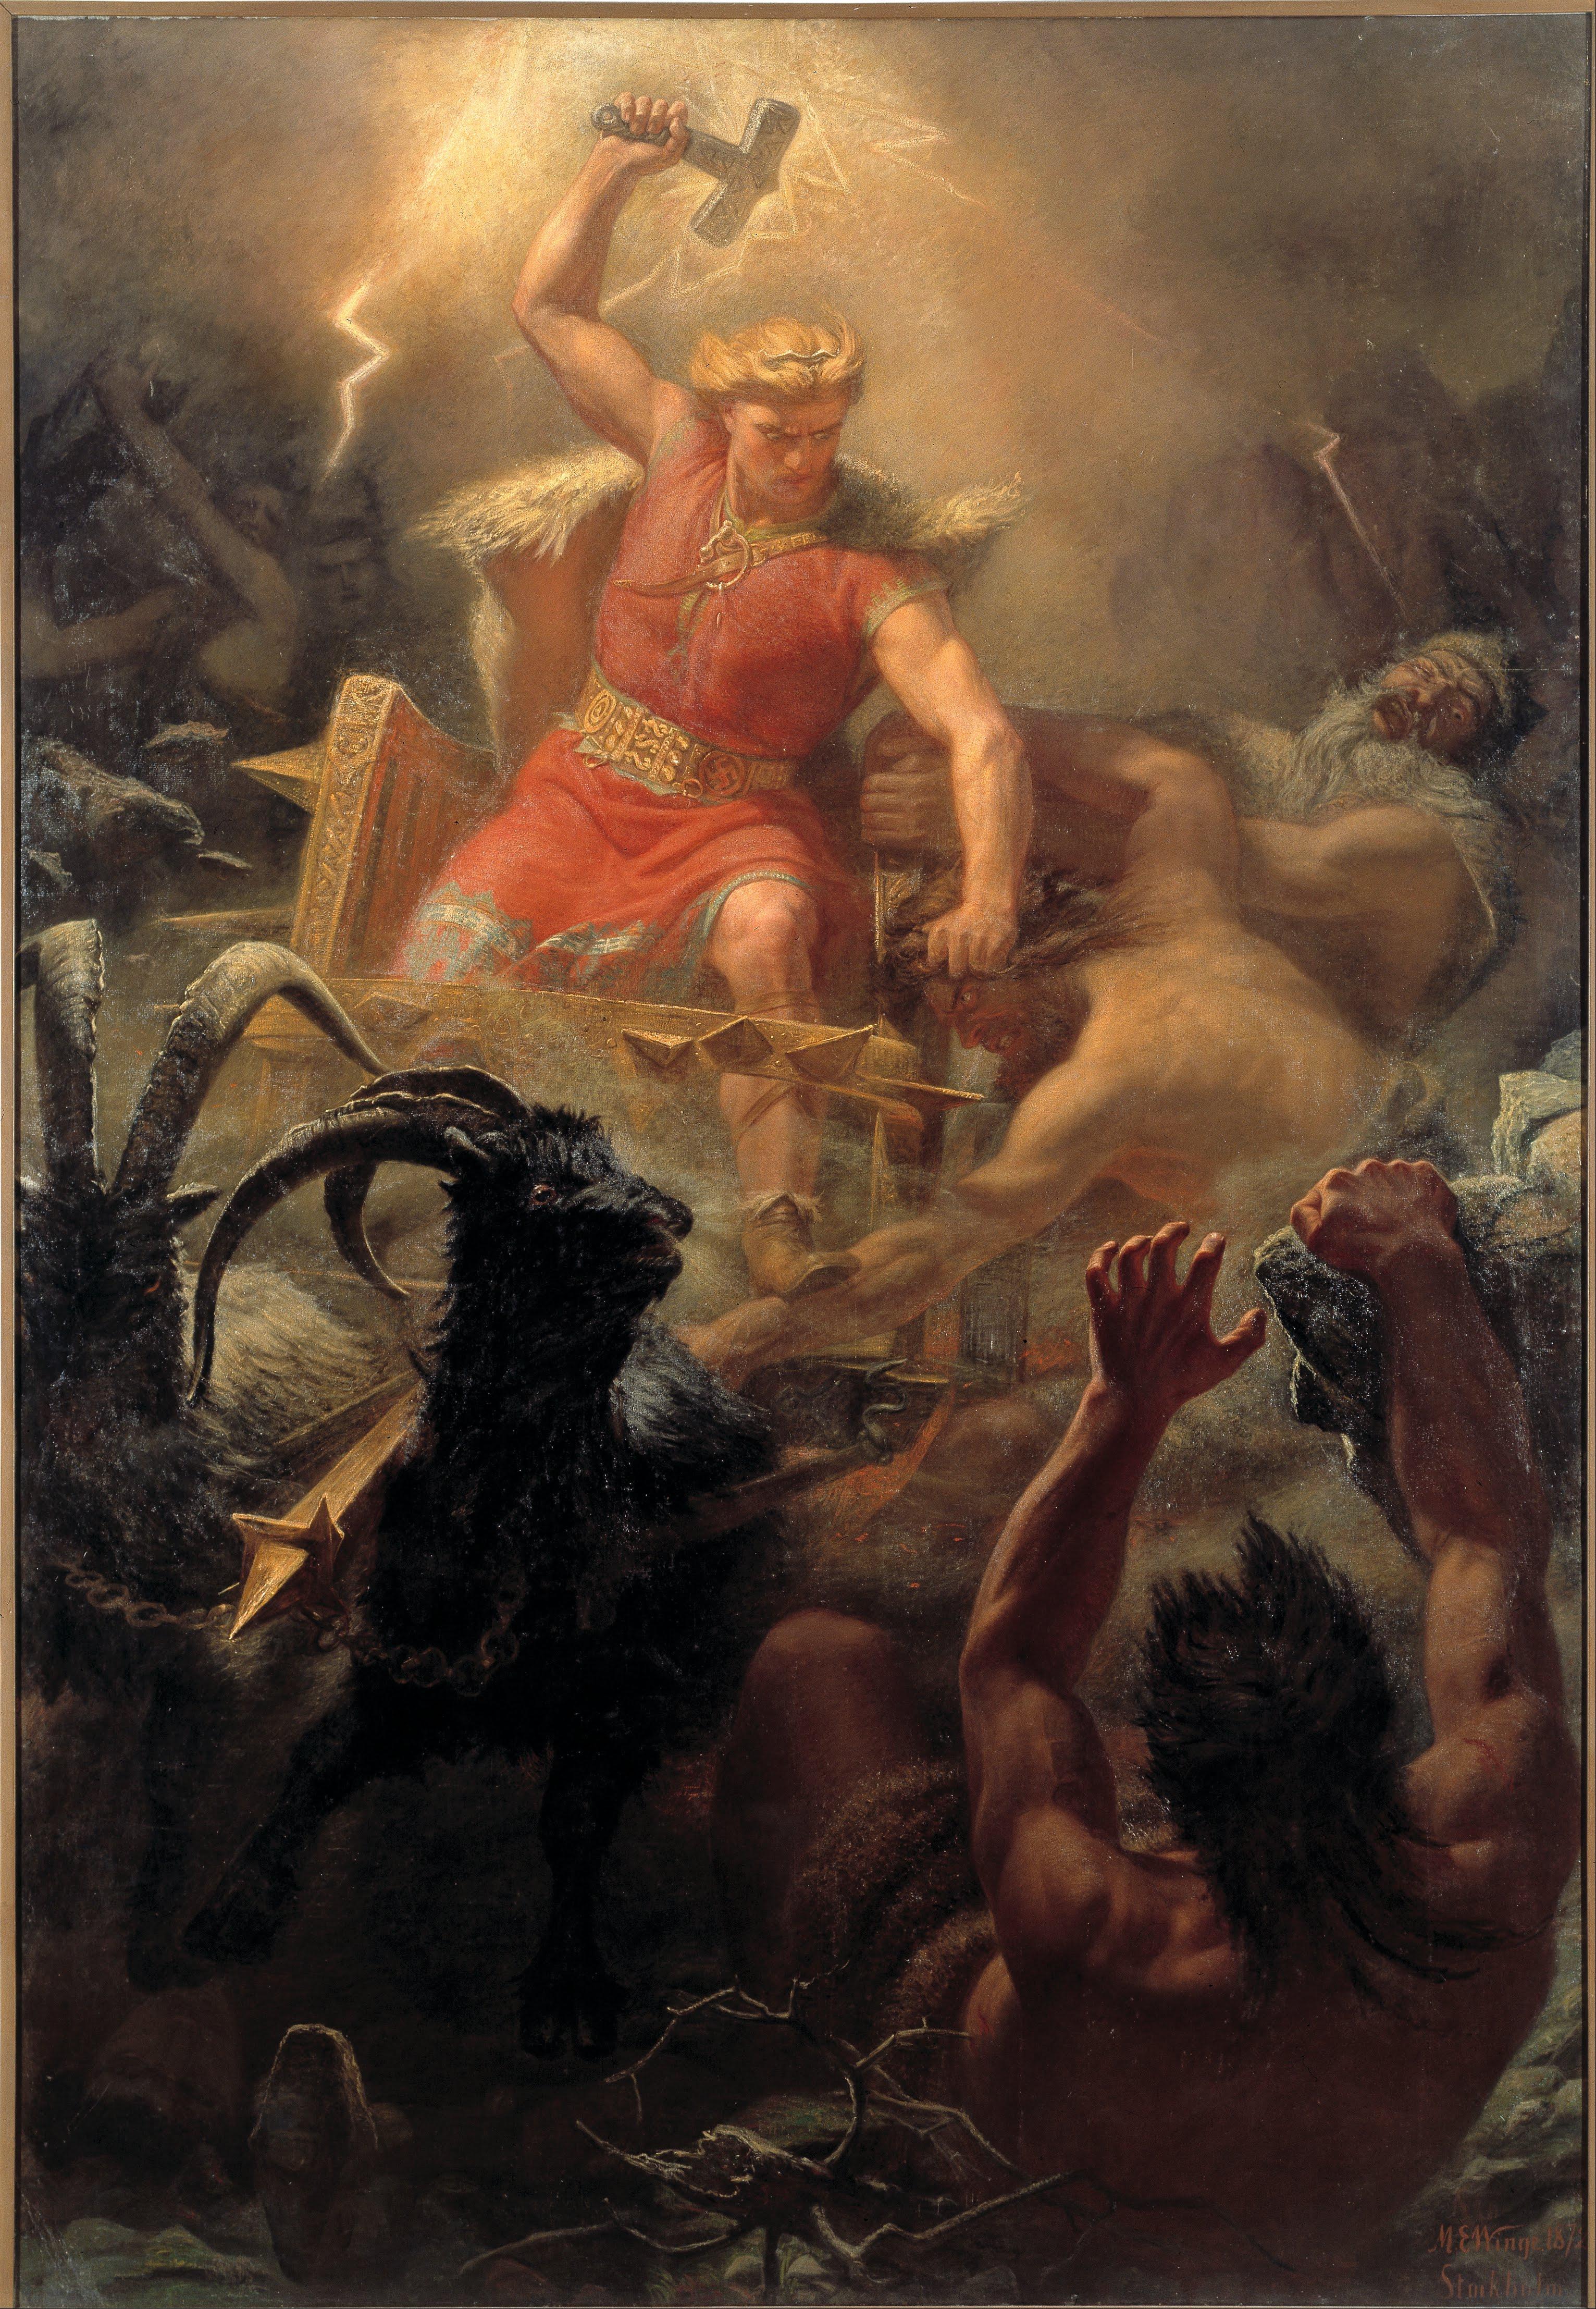 Thor na cestách v Jotunheimu. Kladivo Mjolnir. PAGANIA.CZ - pohanský obchod